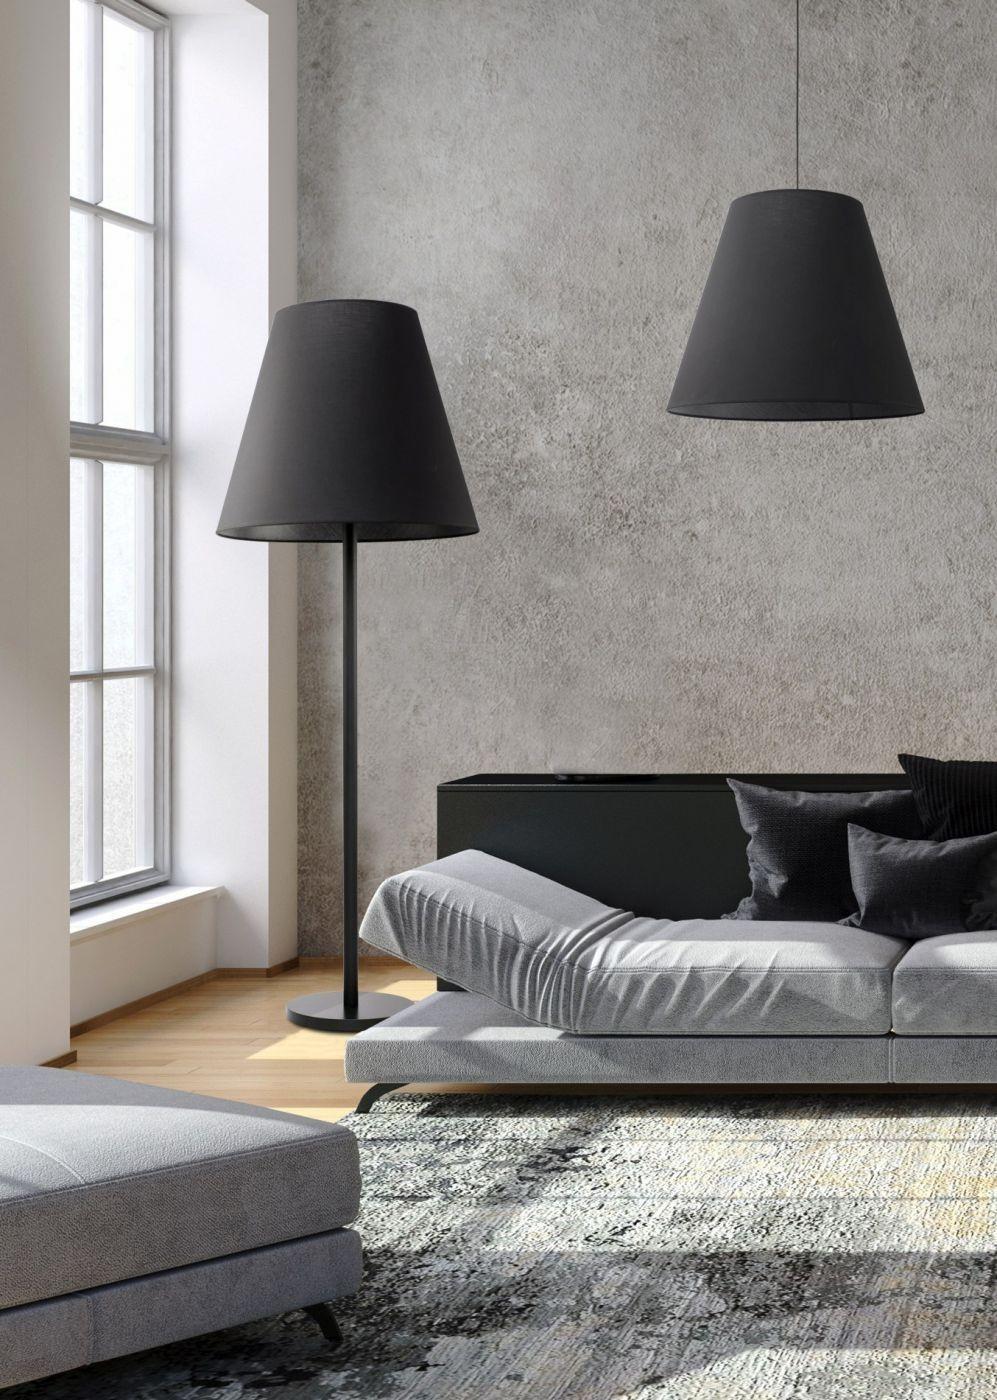 lampa podłogowa do czytania obok kanapy Nowdvorski